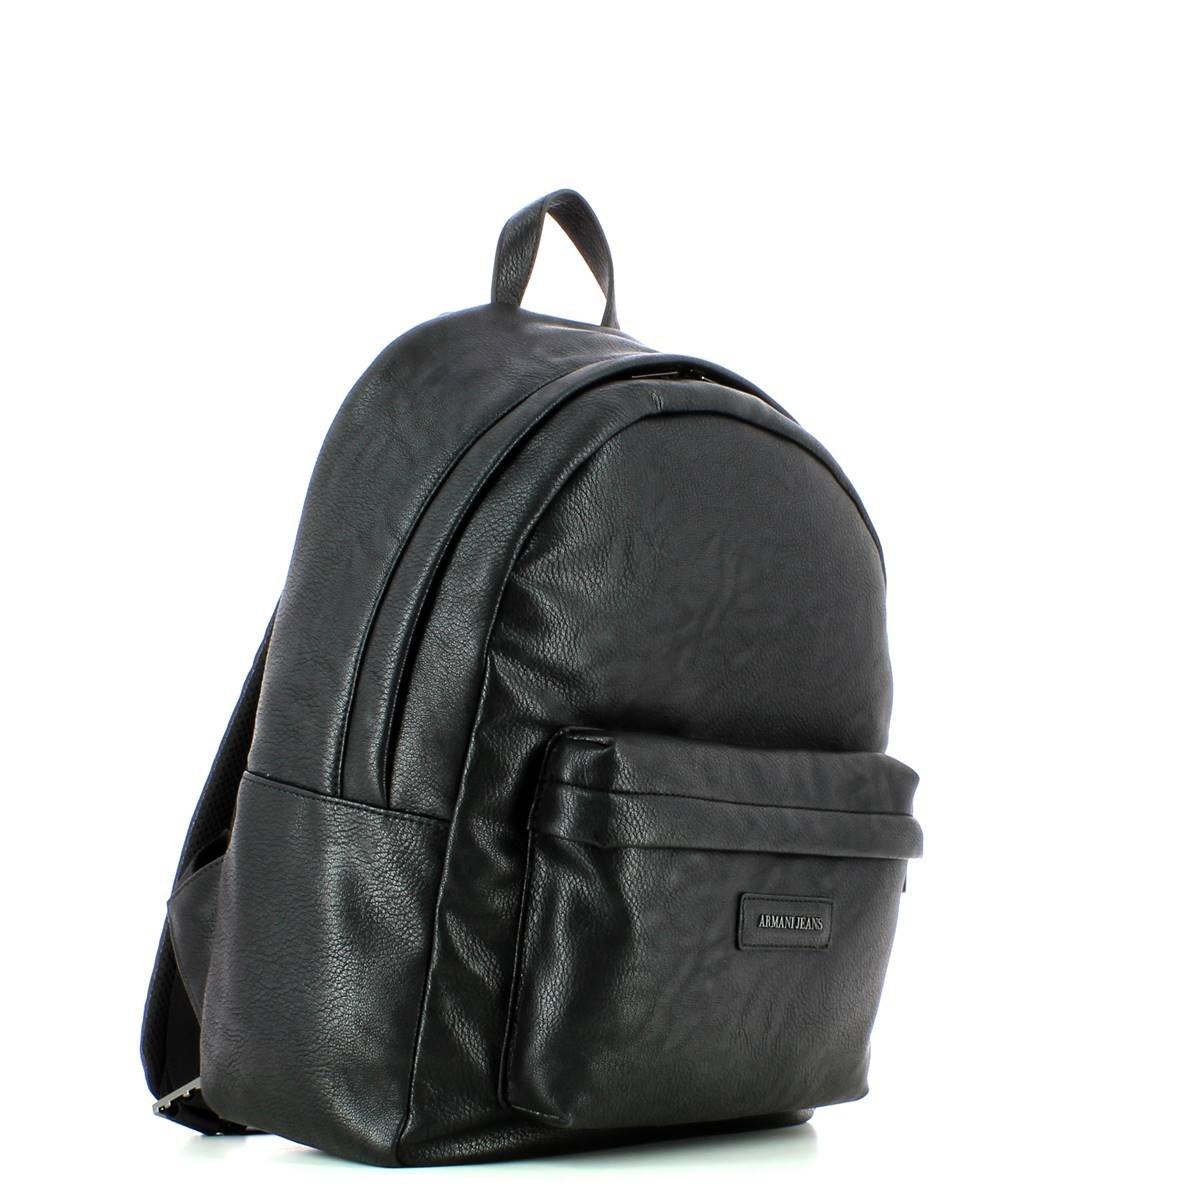 Armani Jeans Sac à dos en faux cuir Noir  Amazon.fr  Chaussures et Sacs baacbbf14aa